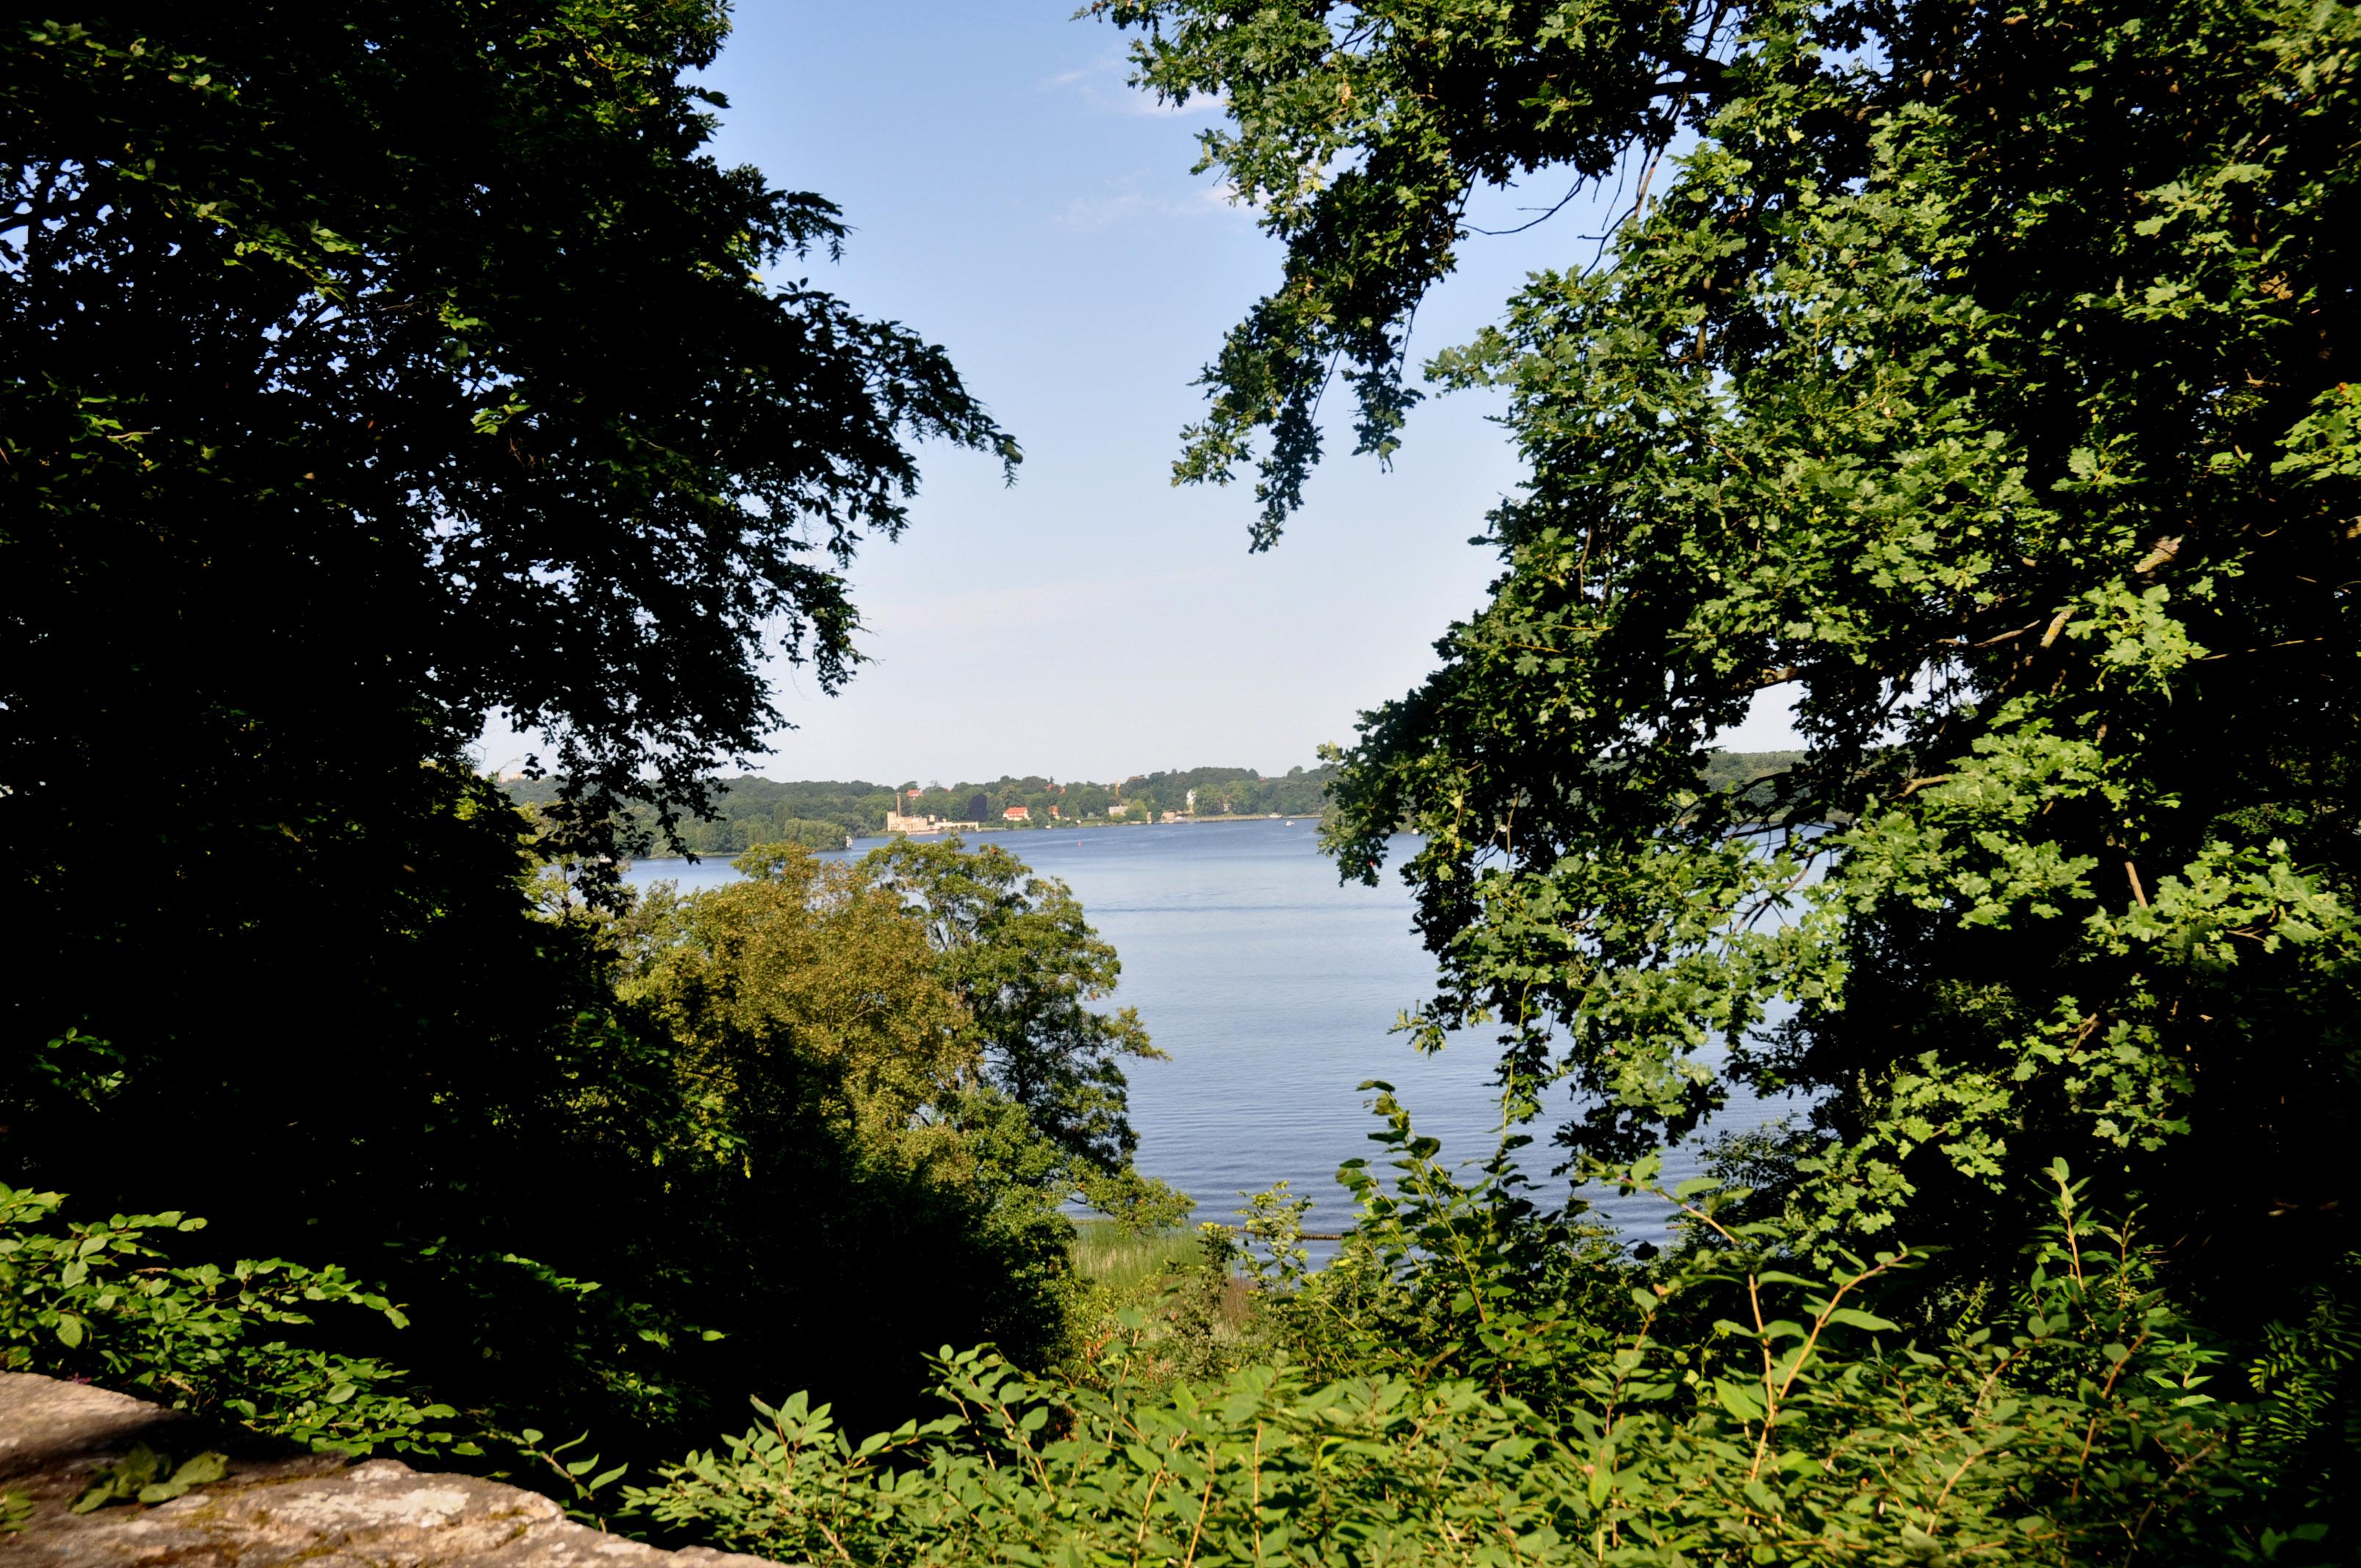 Glienicker Park, Foto: Andreas F.E. Bernhard (CC-BY-SA-3.0)